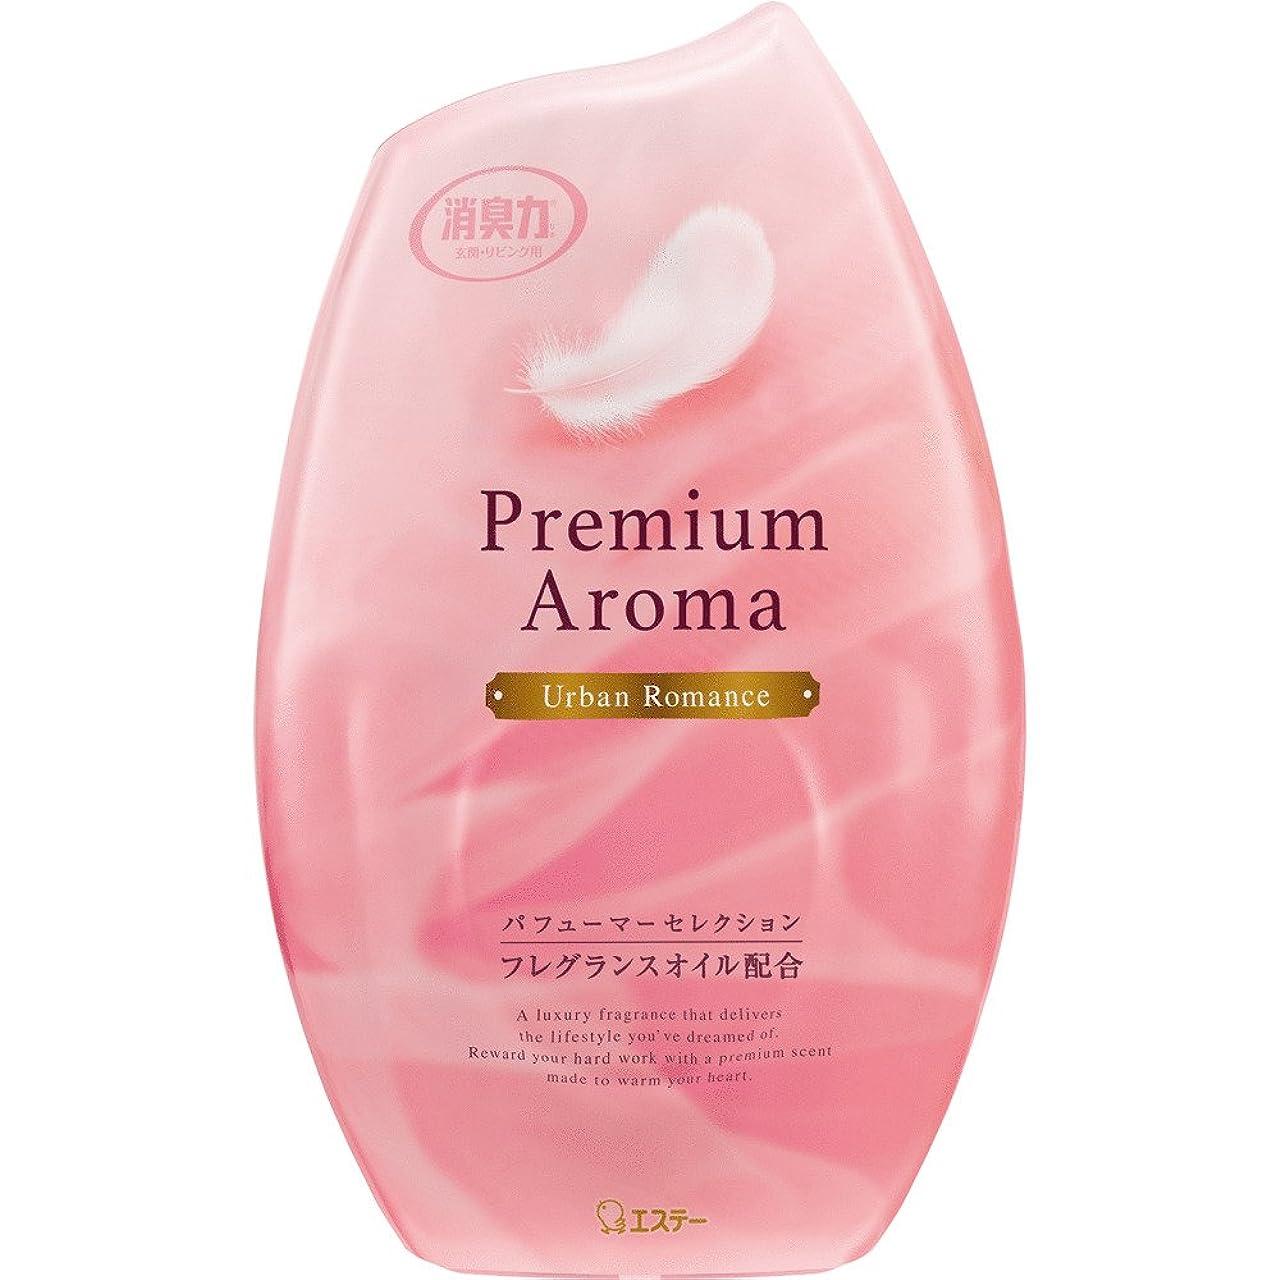 マインドフルコロニー状況お部屋の消臭力 プレミアムアロマ Premium Aroma 消臭芳香剤 部屋用 部屋 アーバンロマンスの香り 400ml